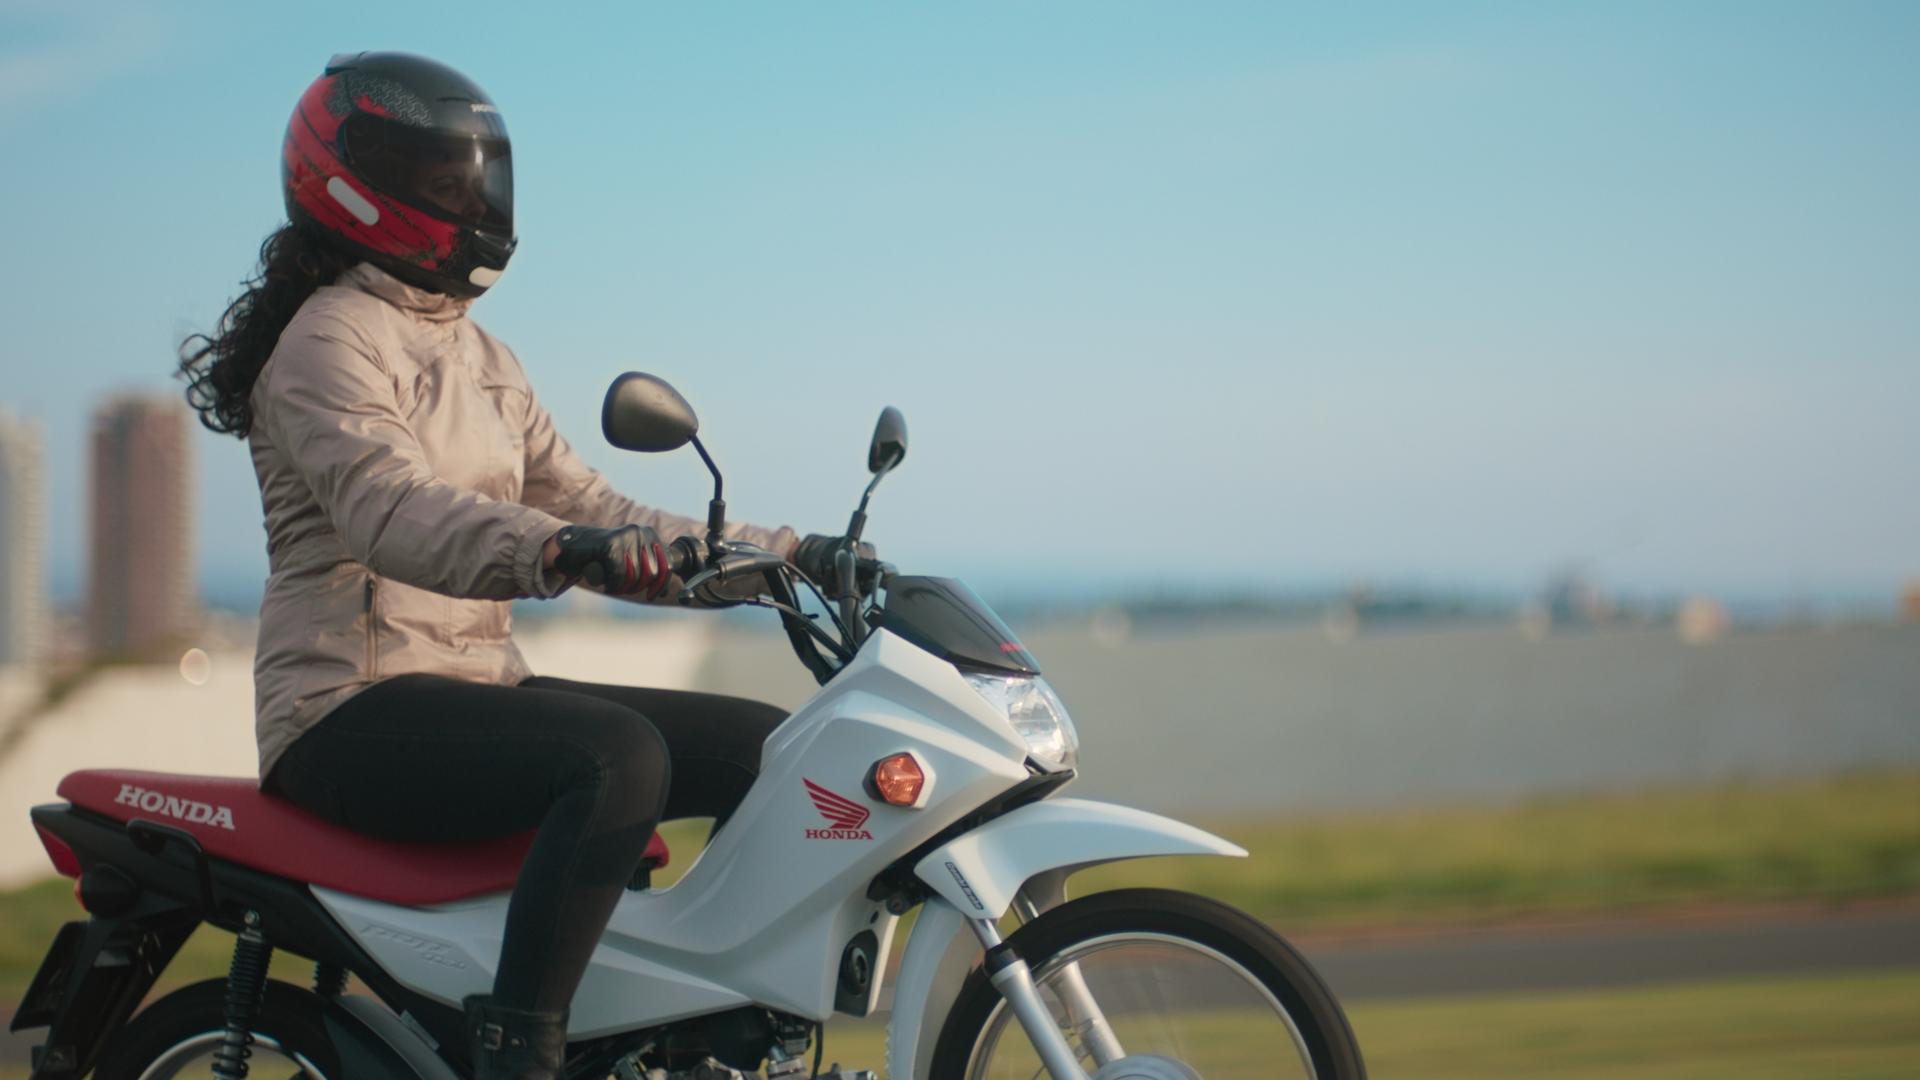 O Consórcio Honda é a maneira mais simples e fácil de você adquirir sua motocicleta nova